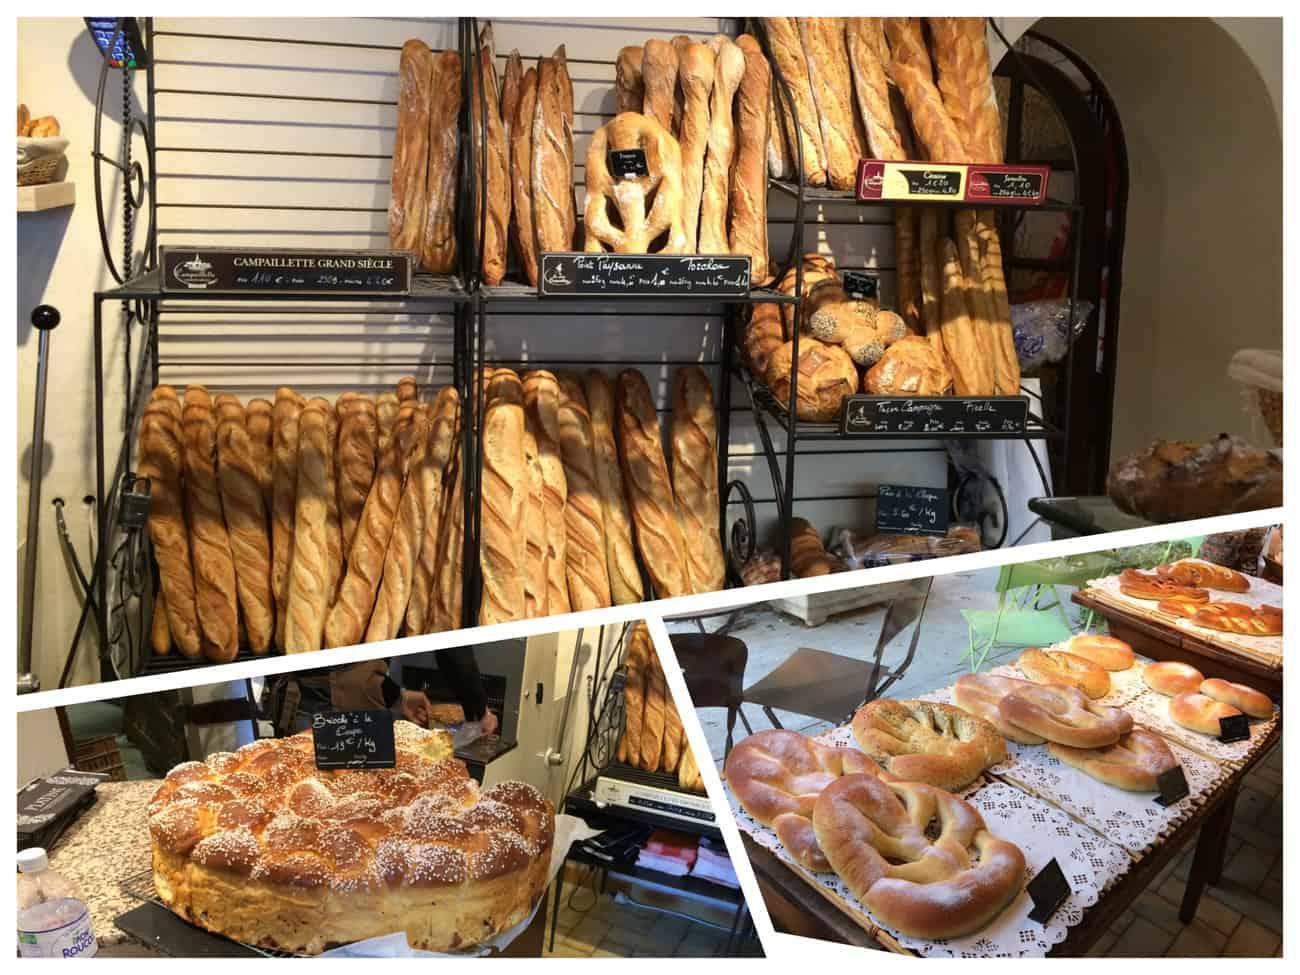 Maussane Les Alpilles - bakery